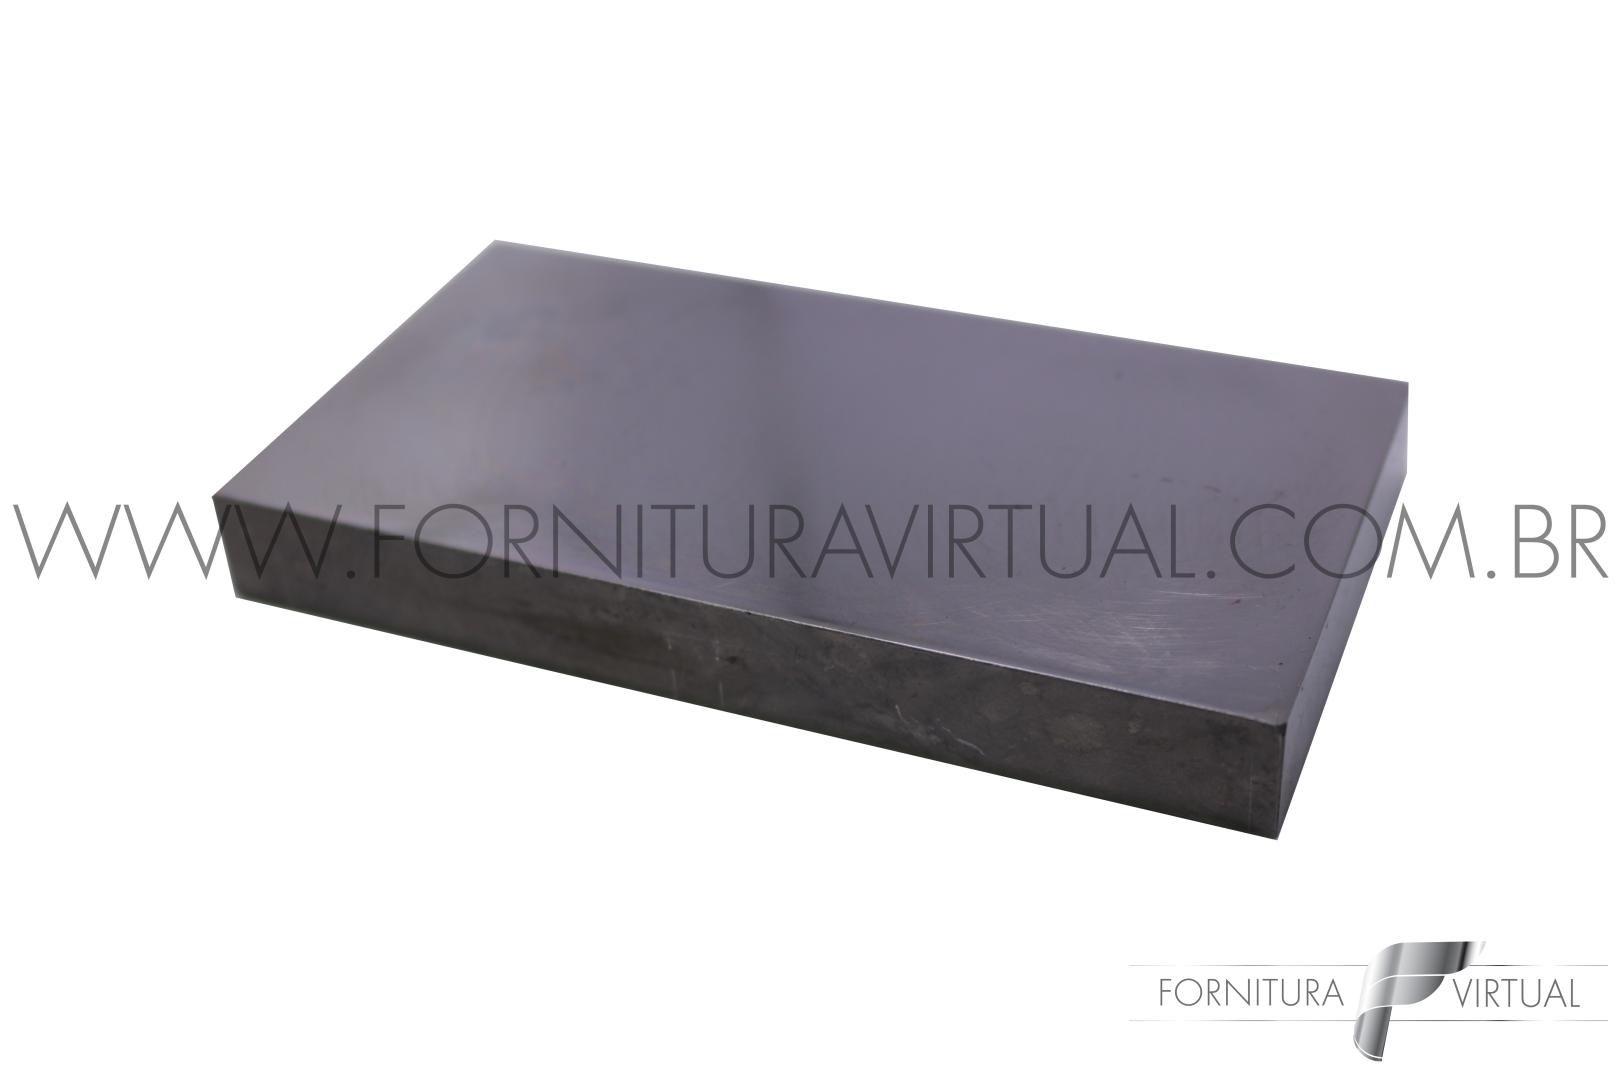 Taz de aço temperado retangular - 114 x 56mm - Máquinas Coelho